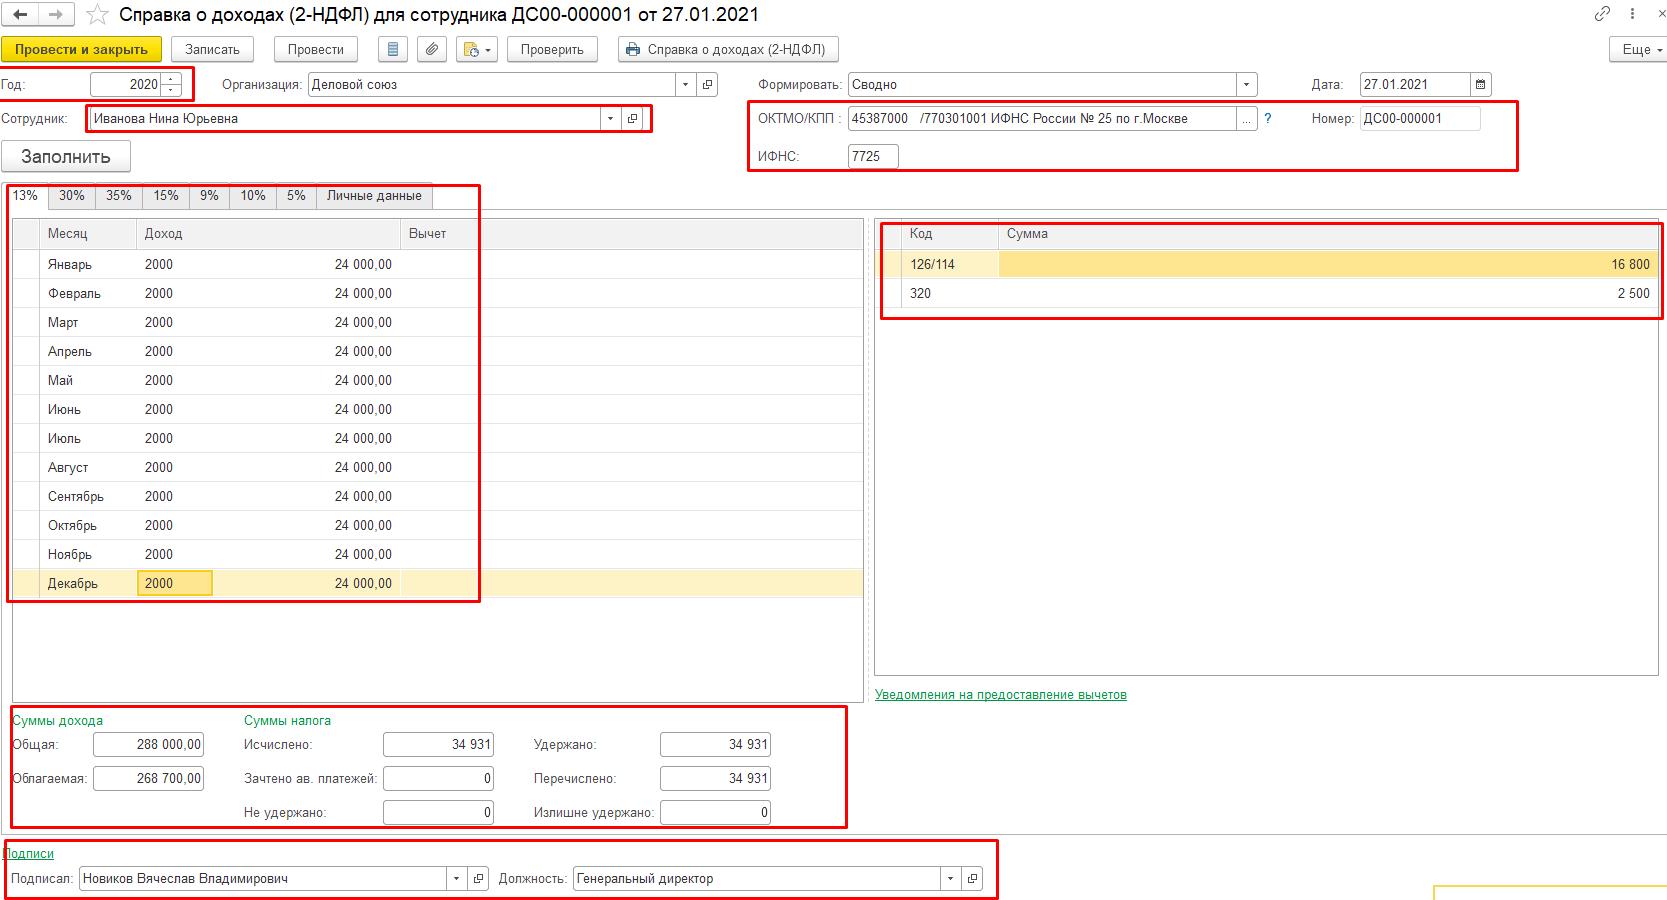 Справка 2-НДФЛ для сотрудников в 1С